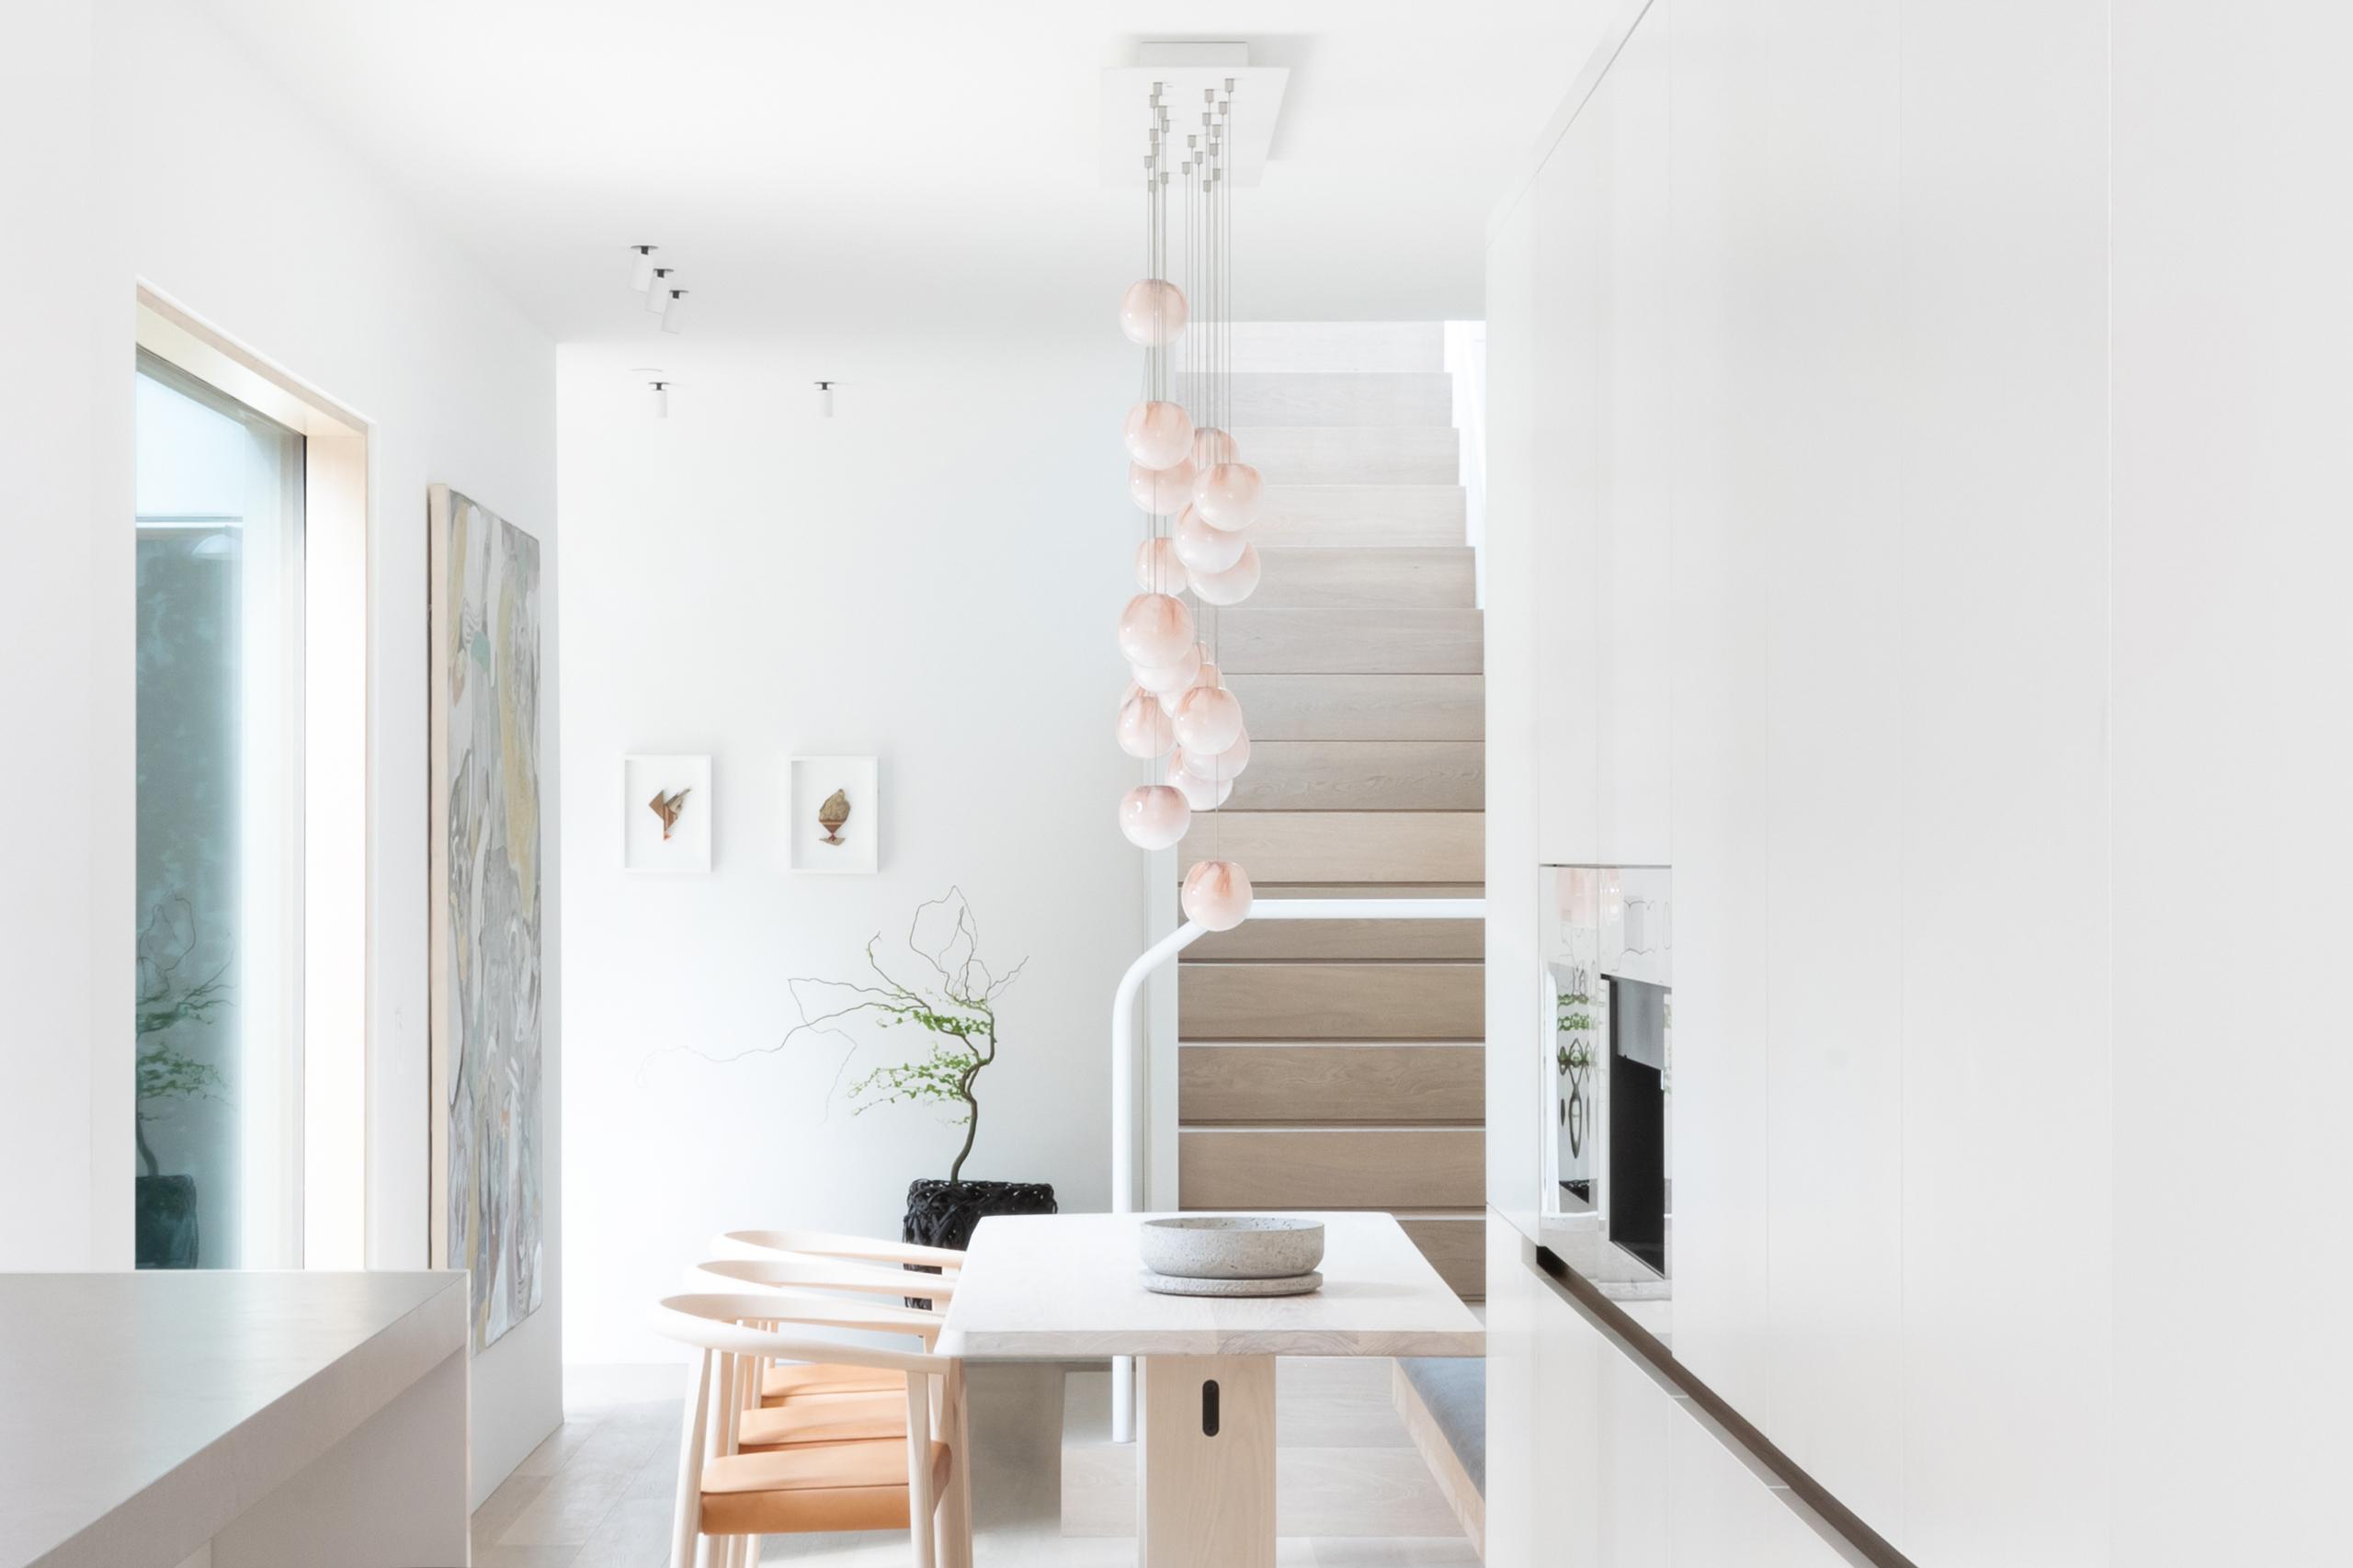 bocci privateresidence stgeorge bruno wickart blog. Black Bedroom Furniture Sets. Home Design Ideas